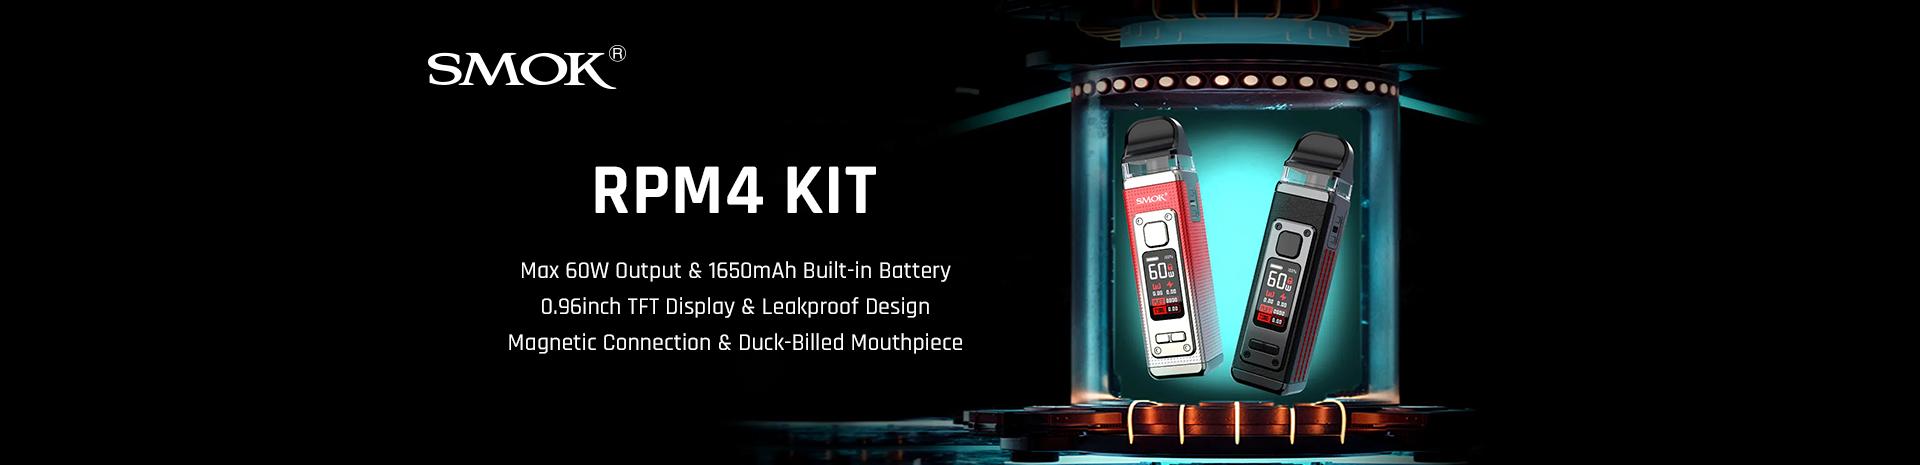 SMOK RPM 4 Kit Banner